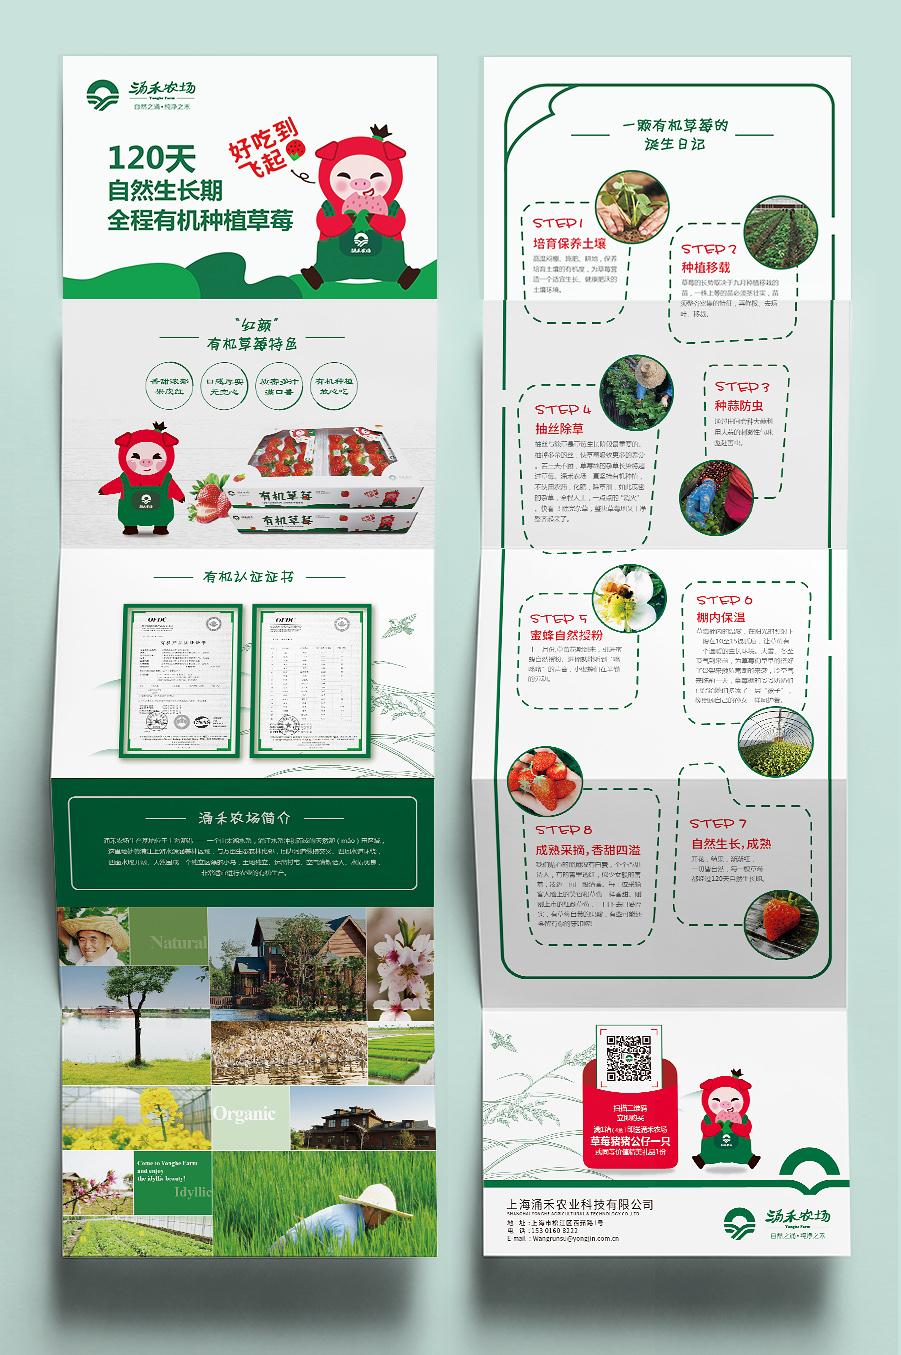 涌禾农场有机草莓宣传折页万博网页版手机登录